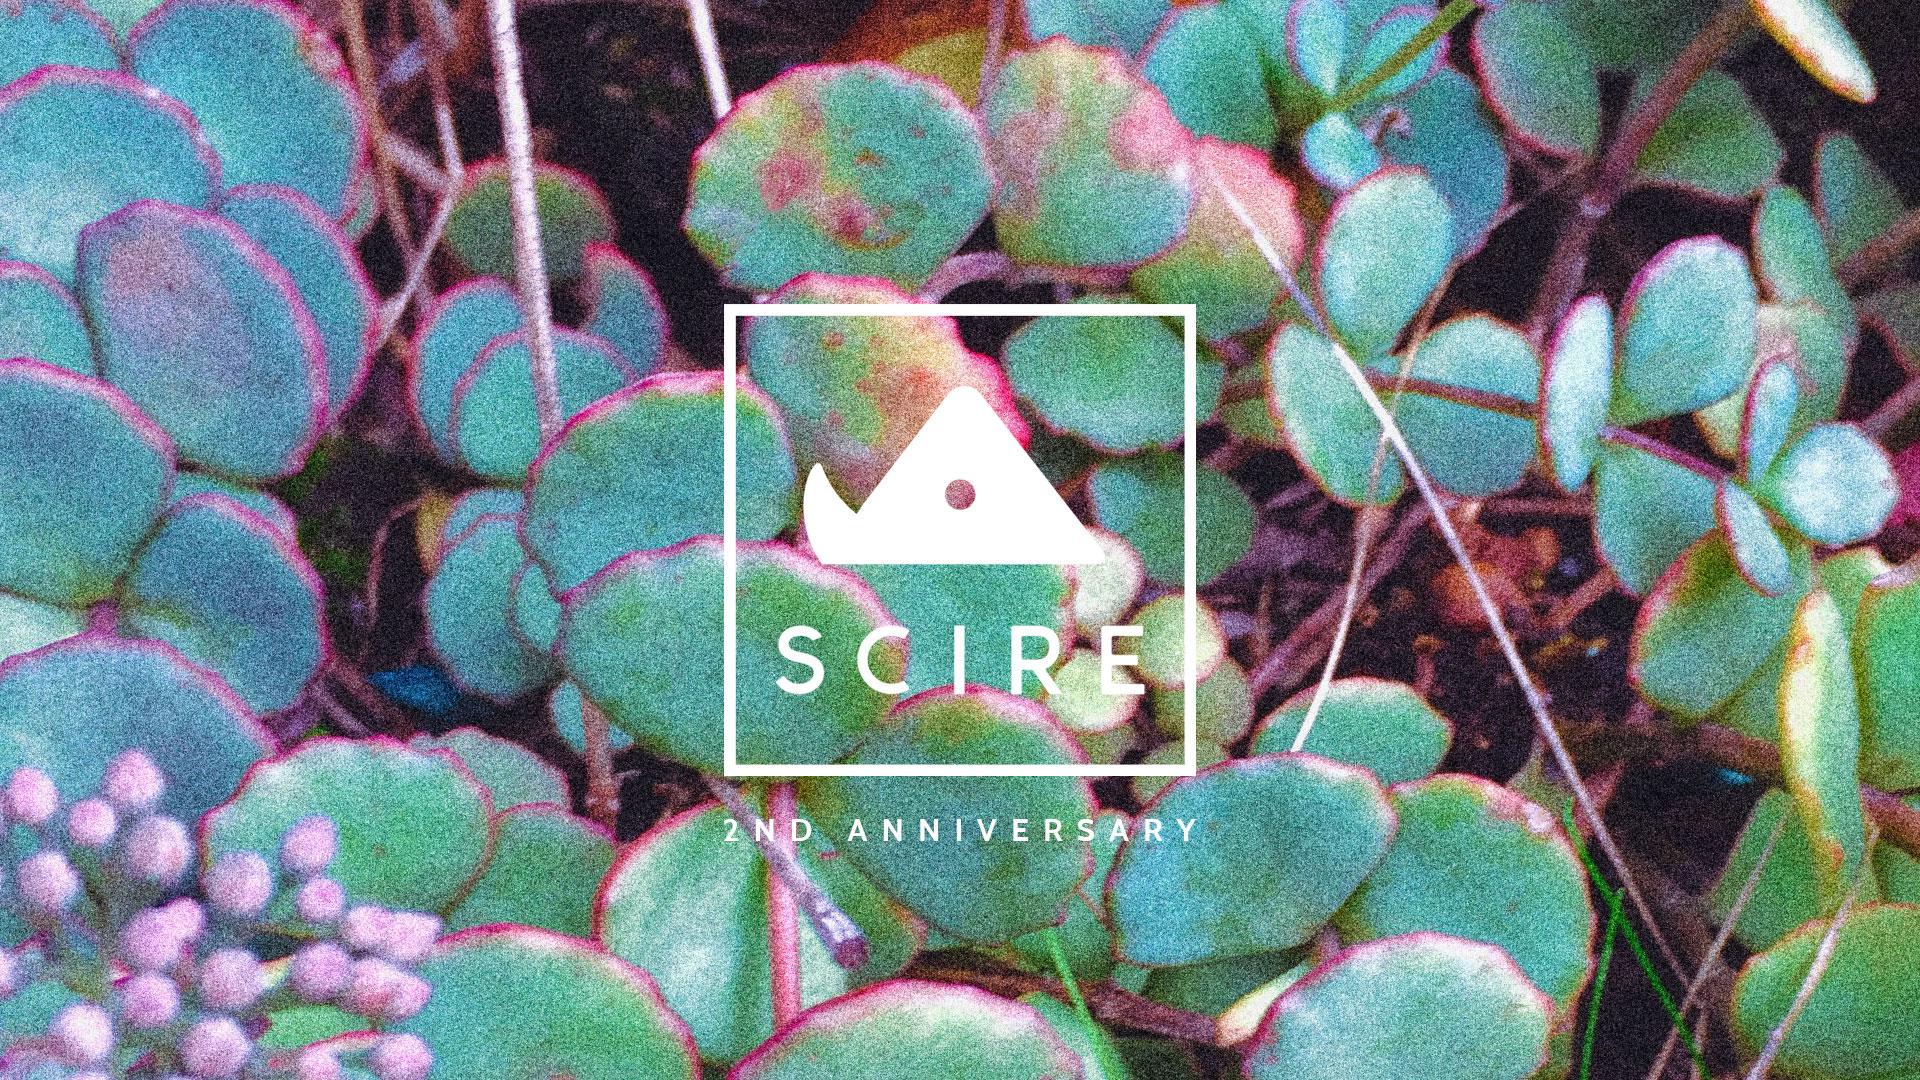 SCIRE_2nd-Anniversary